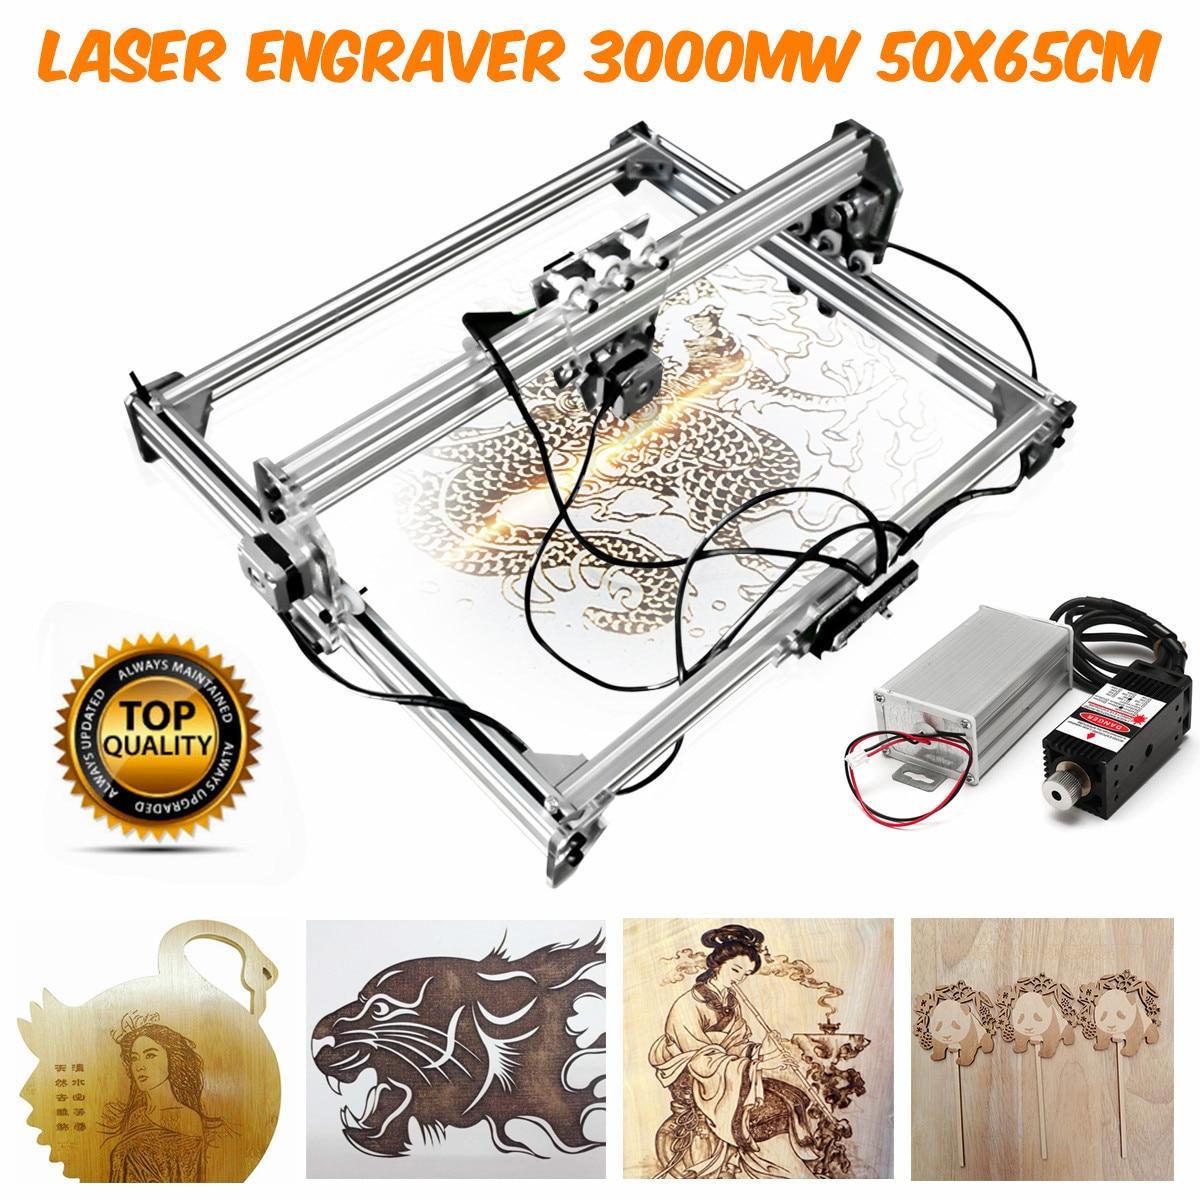 50*65cm Mini 3000mw bleu CNC Machine de gravure Laser 2 axes DC 12V bricolage graveur bureau bois routeur/cutter/imprimante + Laser - 2